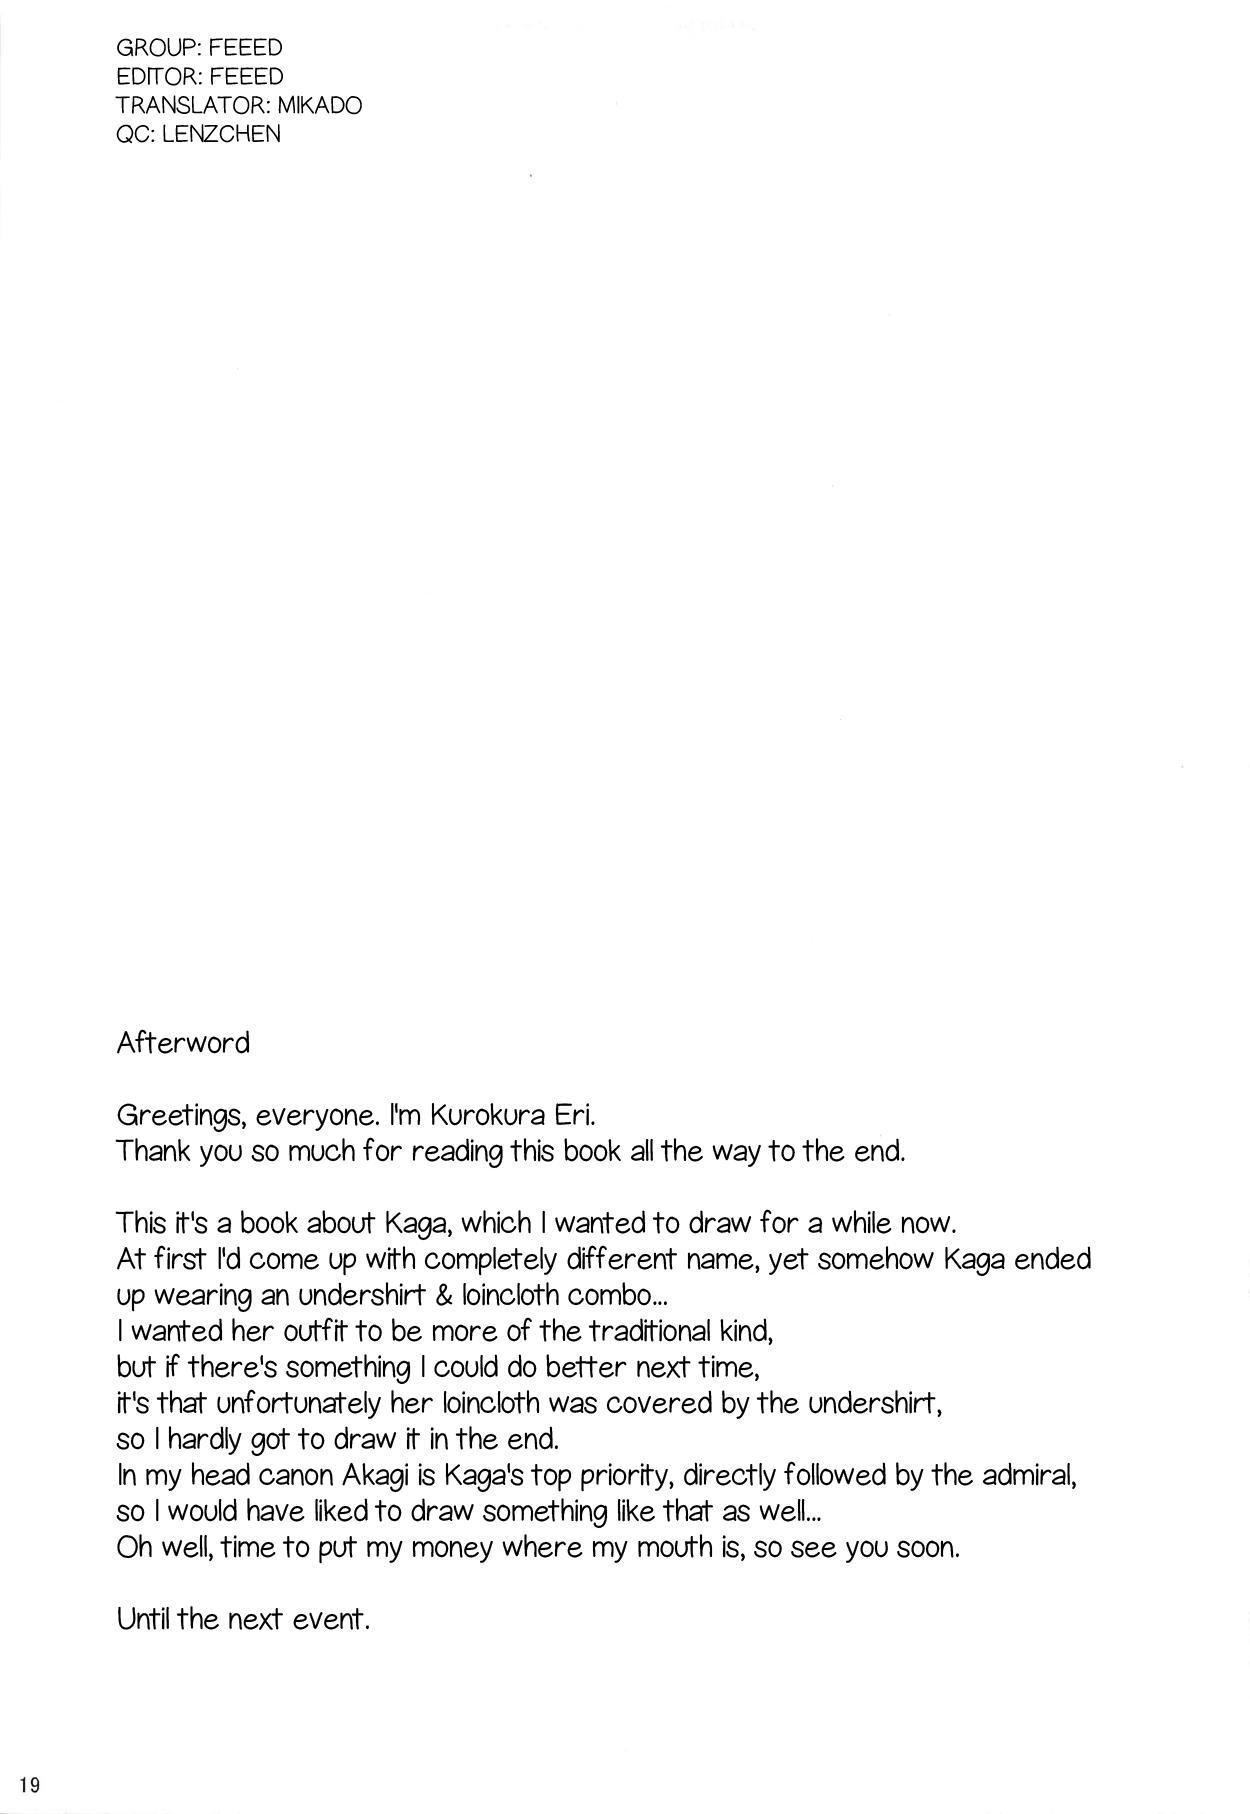 (C90) [Kanten Garas (Kurokura Eri)] Kaga-shiki Stress Kaishouhou | Kaga-style Stress Relief (Kantai Collection -KanColle-) [English] [Feeed] 19